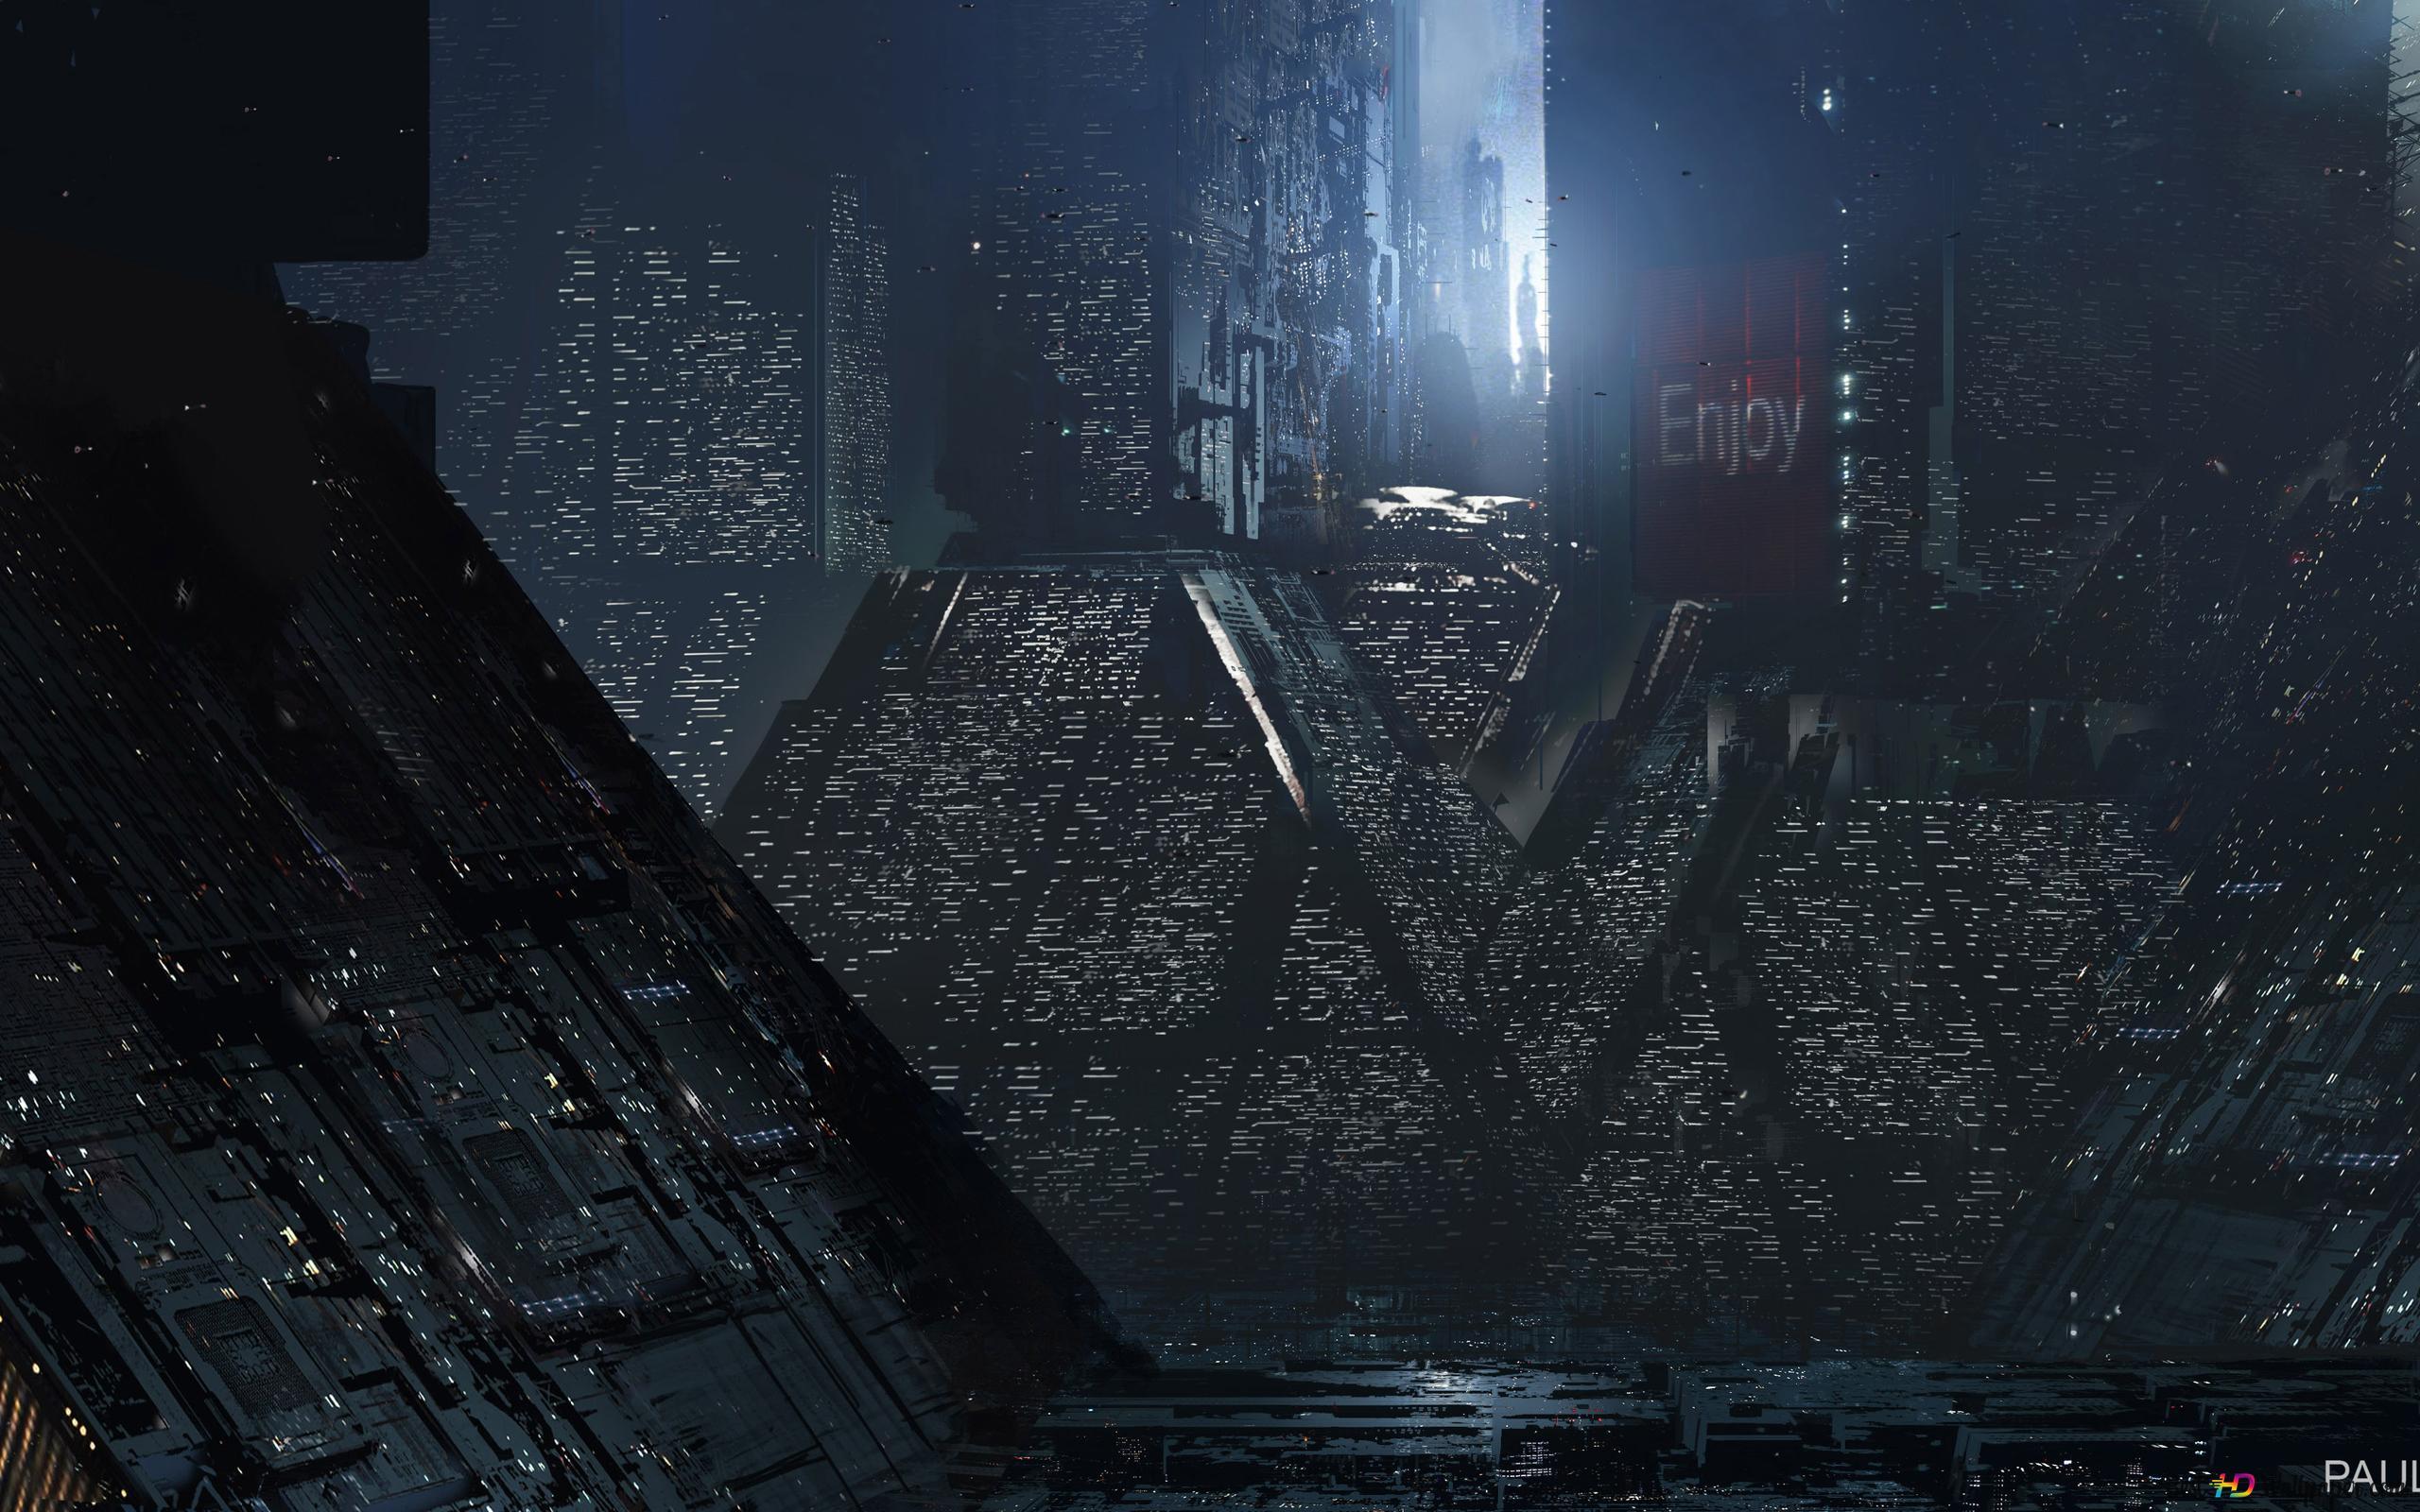 ブレードランナー2049年の未来都市 Hd壁紙のダウンロード